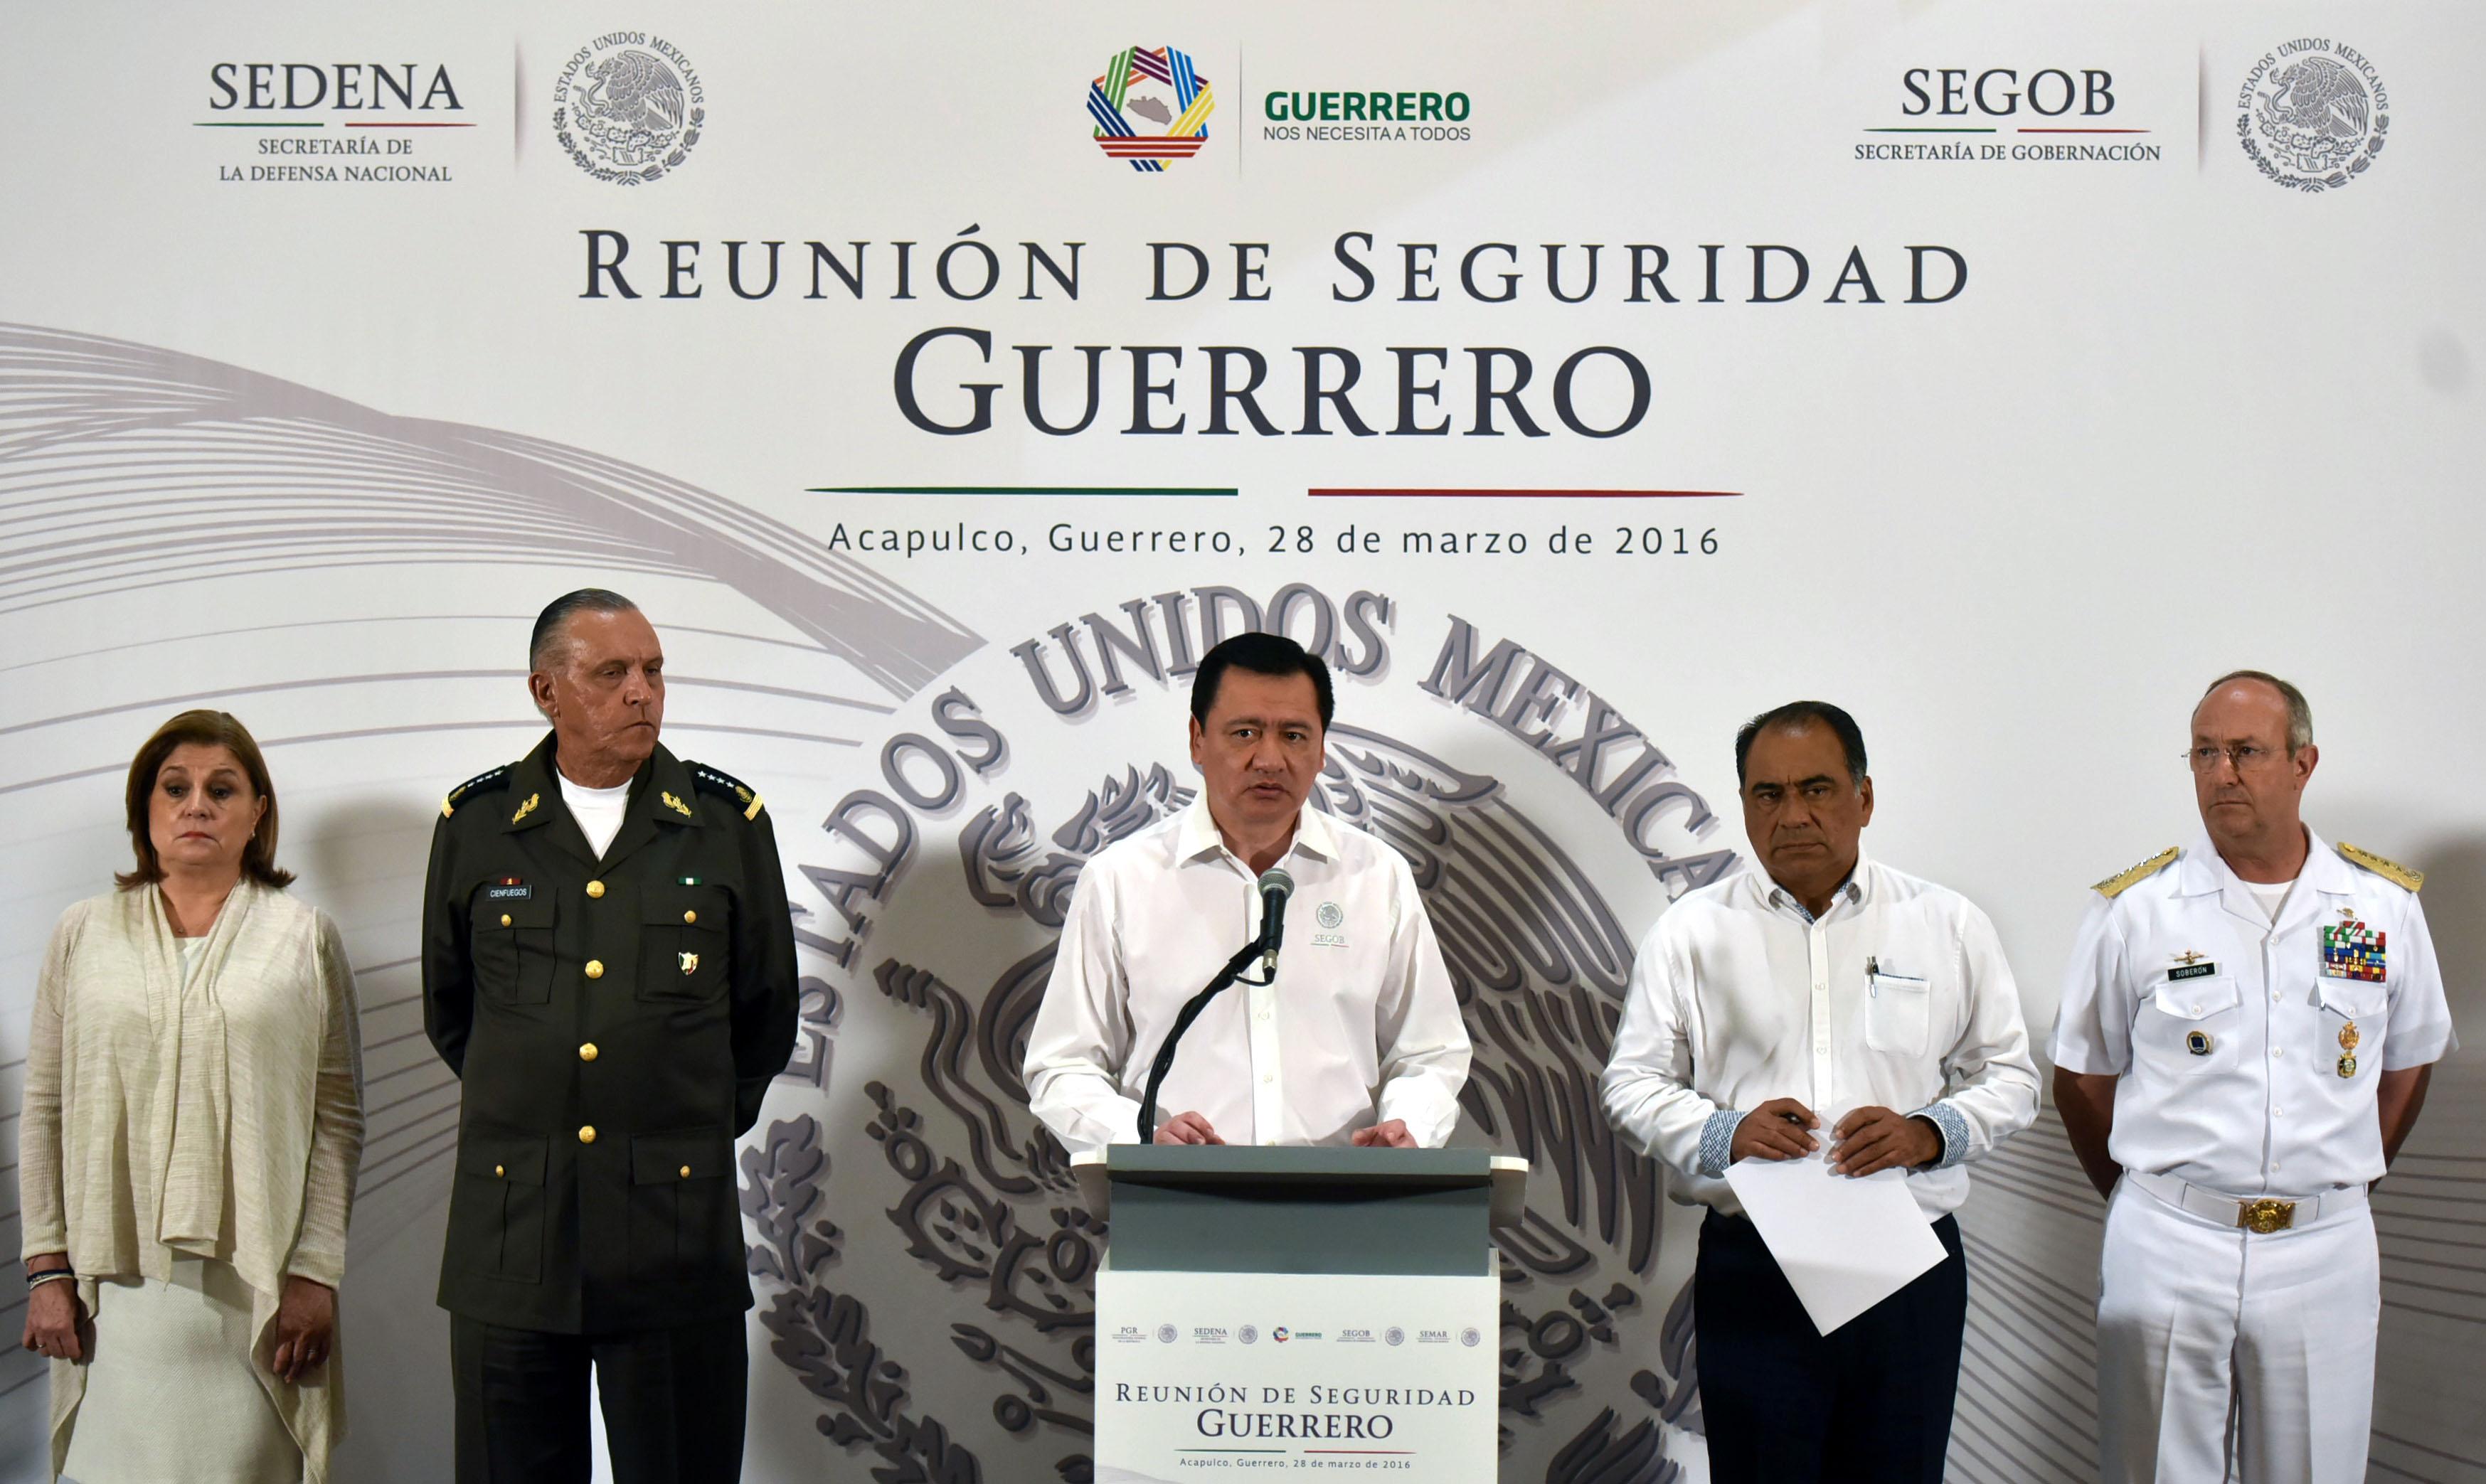 El Secretario de Gobernación, Miguel Ángel Osorio Chong, al término de la Reunión de Seguridad Guerrero, realizada en Acapulco